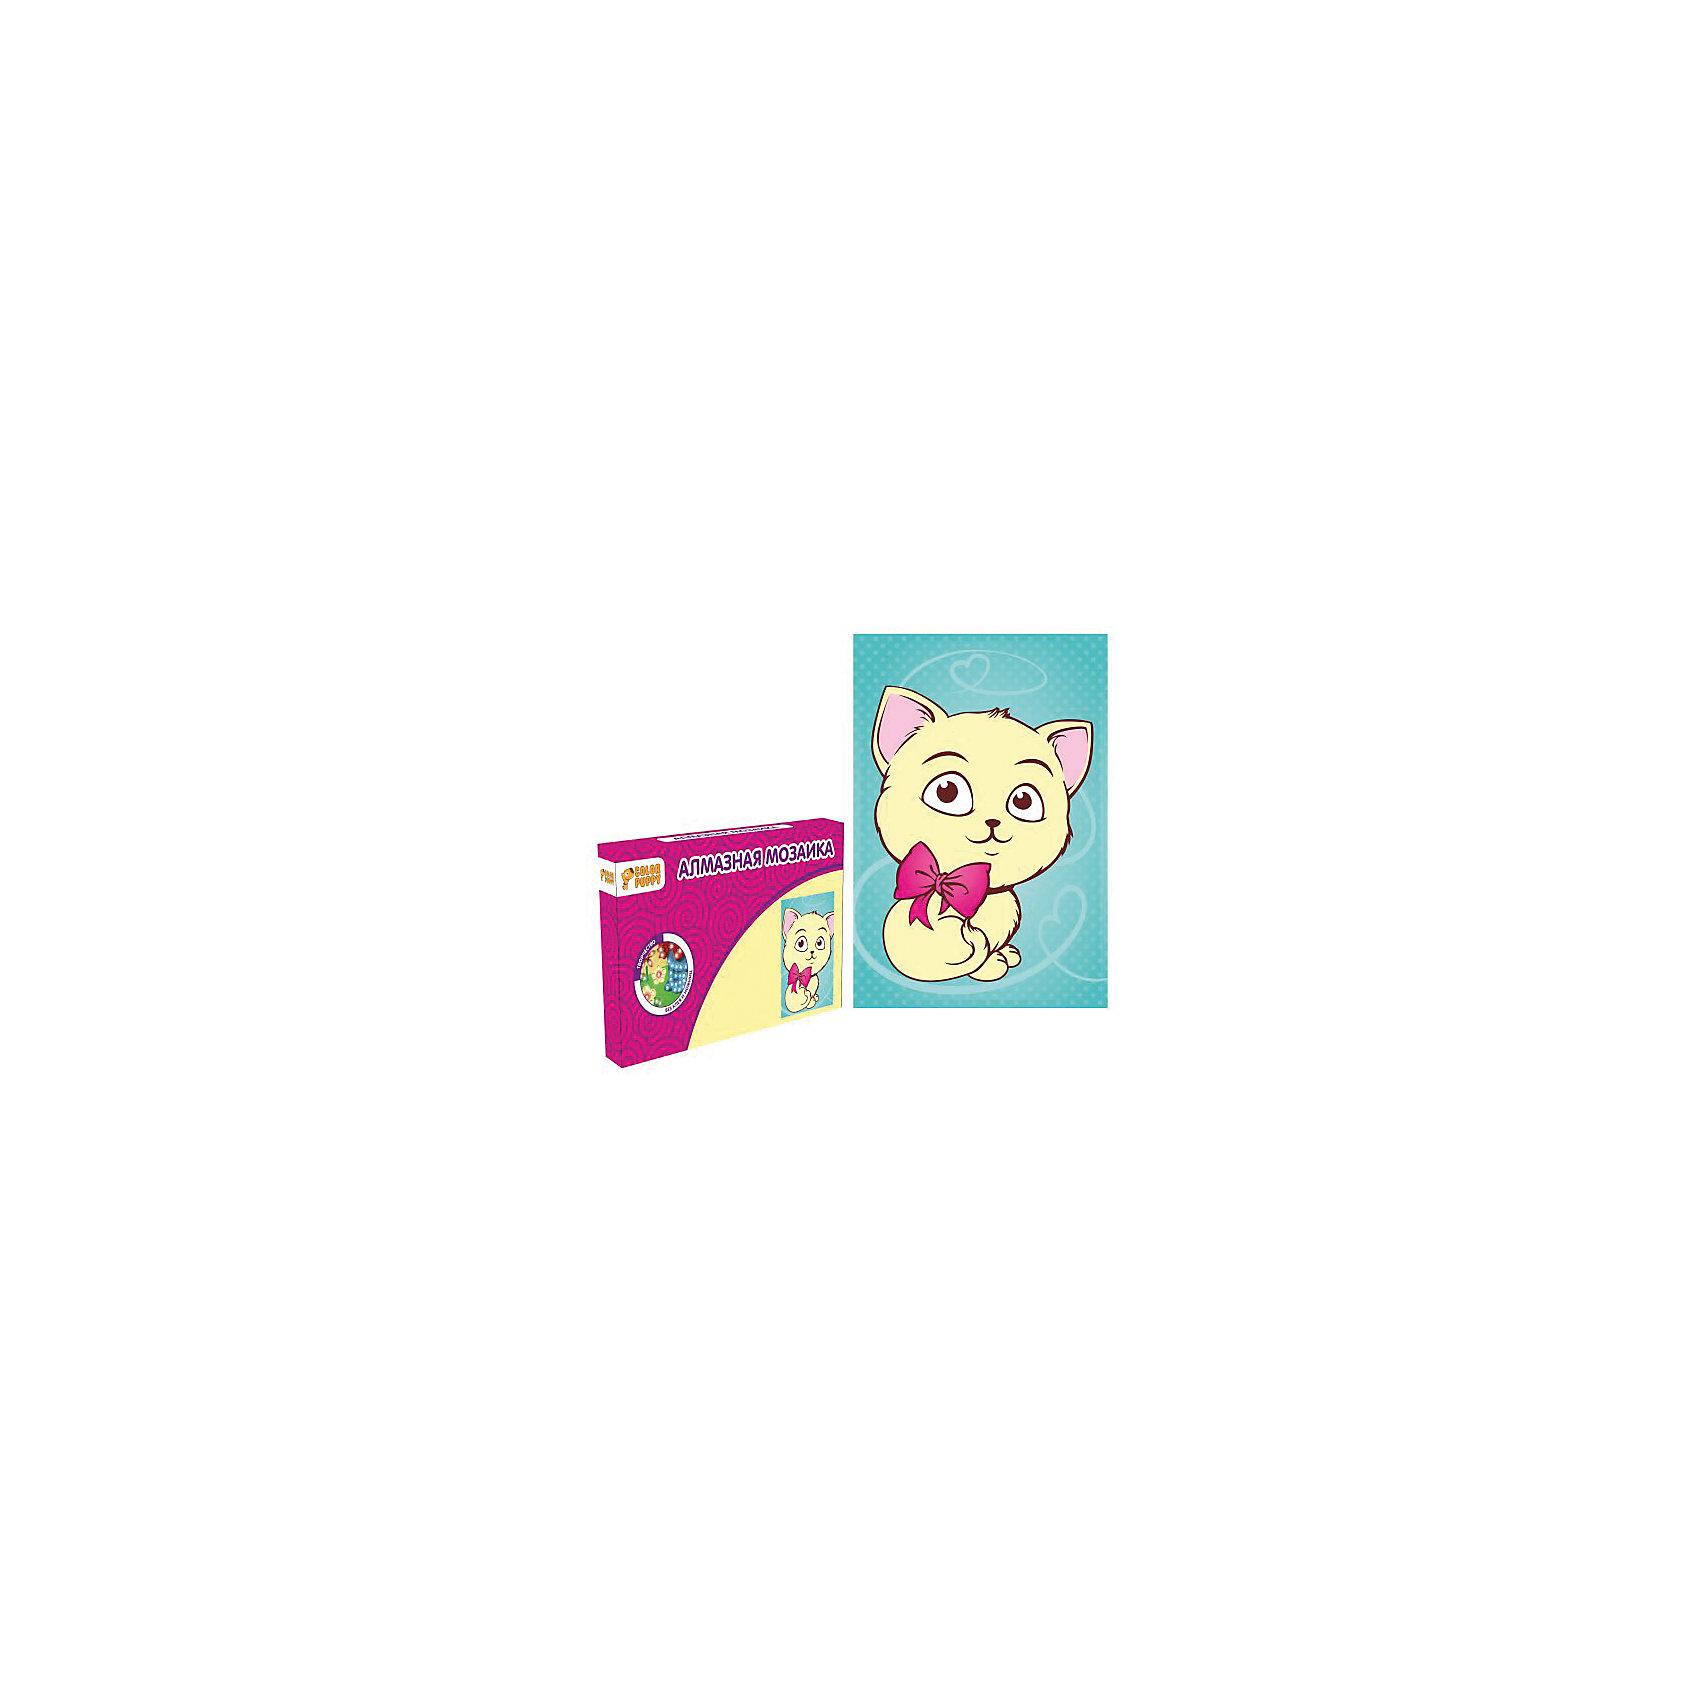 Набор для творчества Алмазная мозаика «Котенок»Мозаика детская<br>В наборе: Картонная основа 10х15 см, подставка, стразы, емкость для страз, карандаш<br><br>Ширина мм: 165<br>Глубина мм: 105<br>Высота мм: 20<br>Вес г: 83<br>Возраст от месяцев: 36<br>Возраст до месяцев: 108<br>Пол: Унисекс<br>Возраст: Детский<br>SKU: 5078346